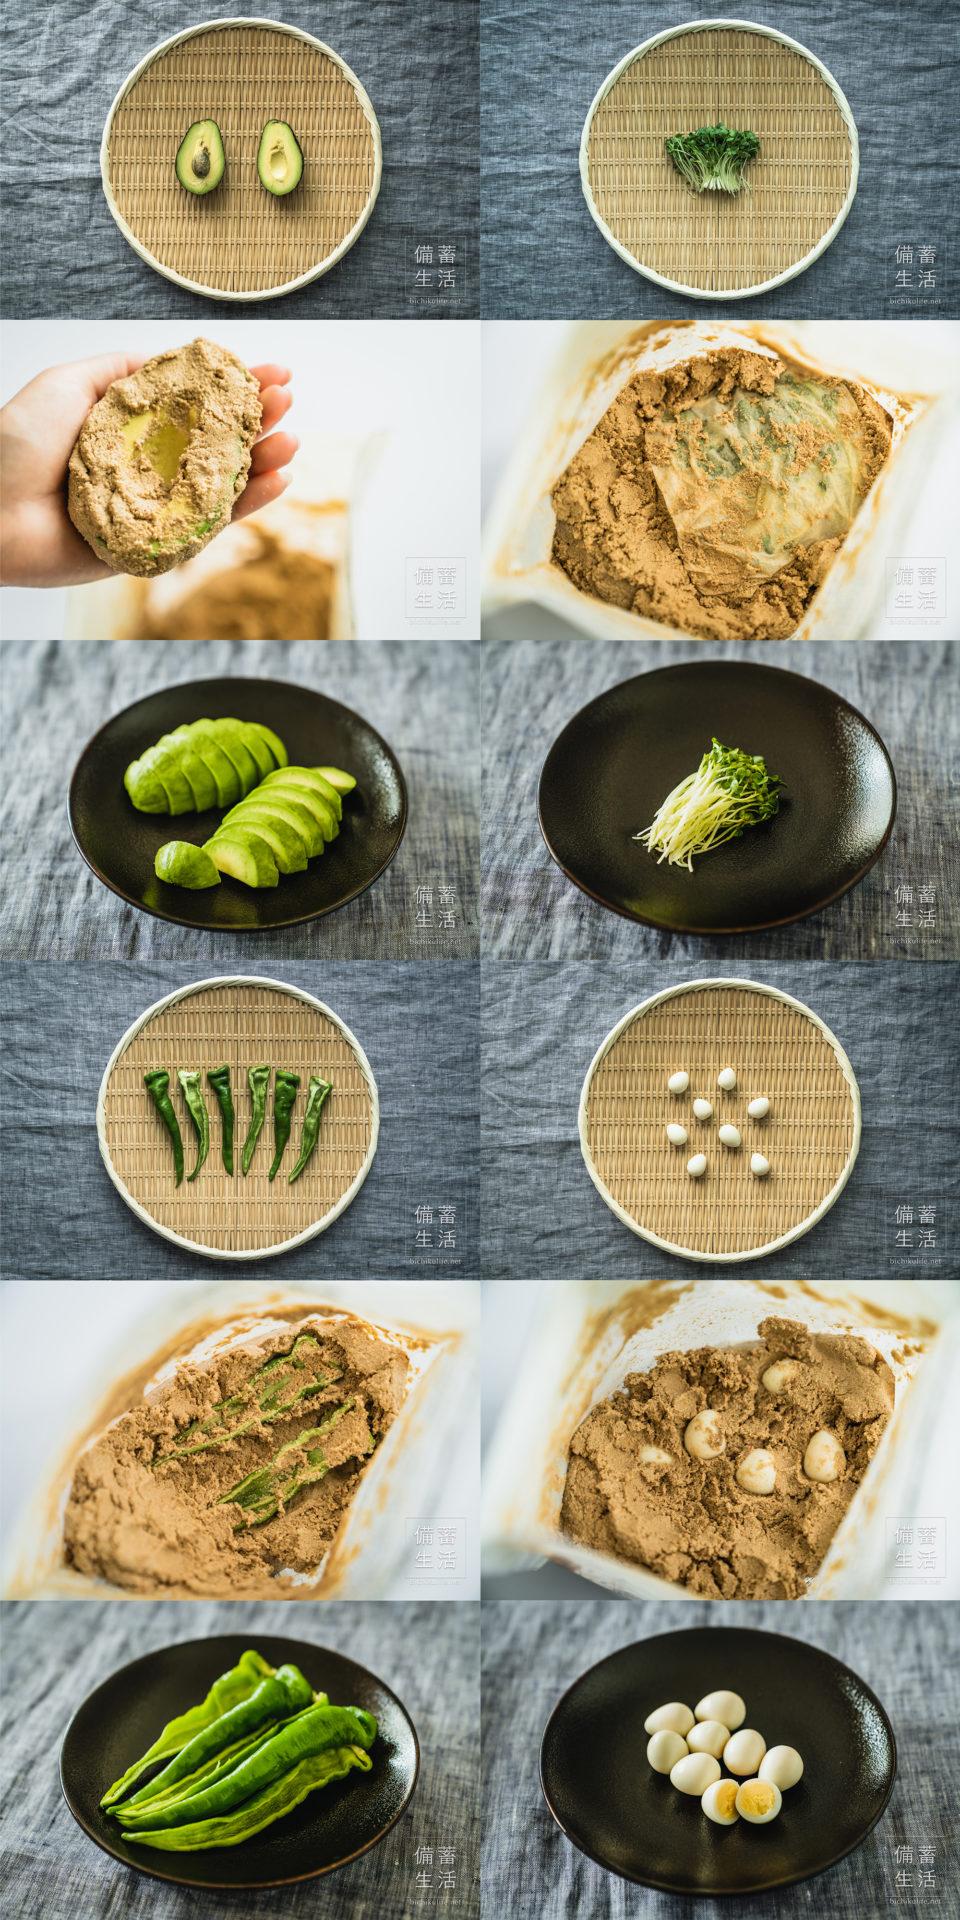 ぬか漬け生活|おすすめの野菜や作り方まとめページ